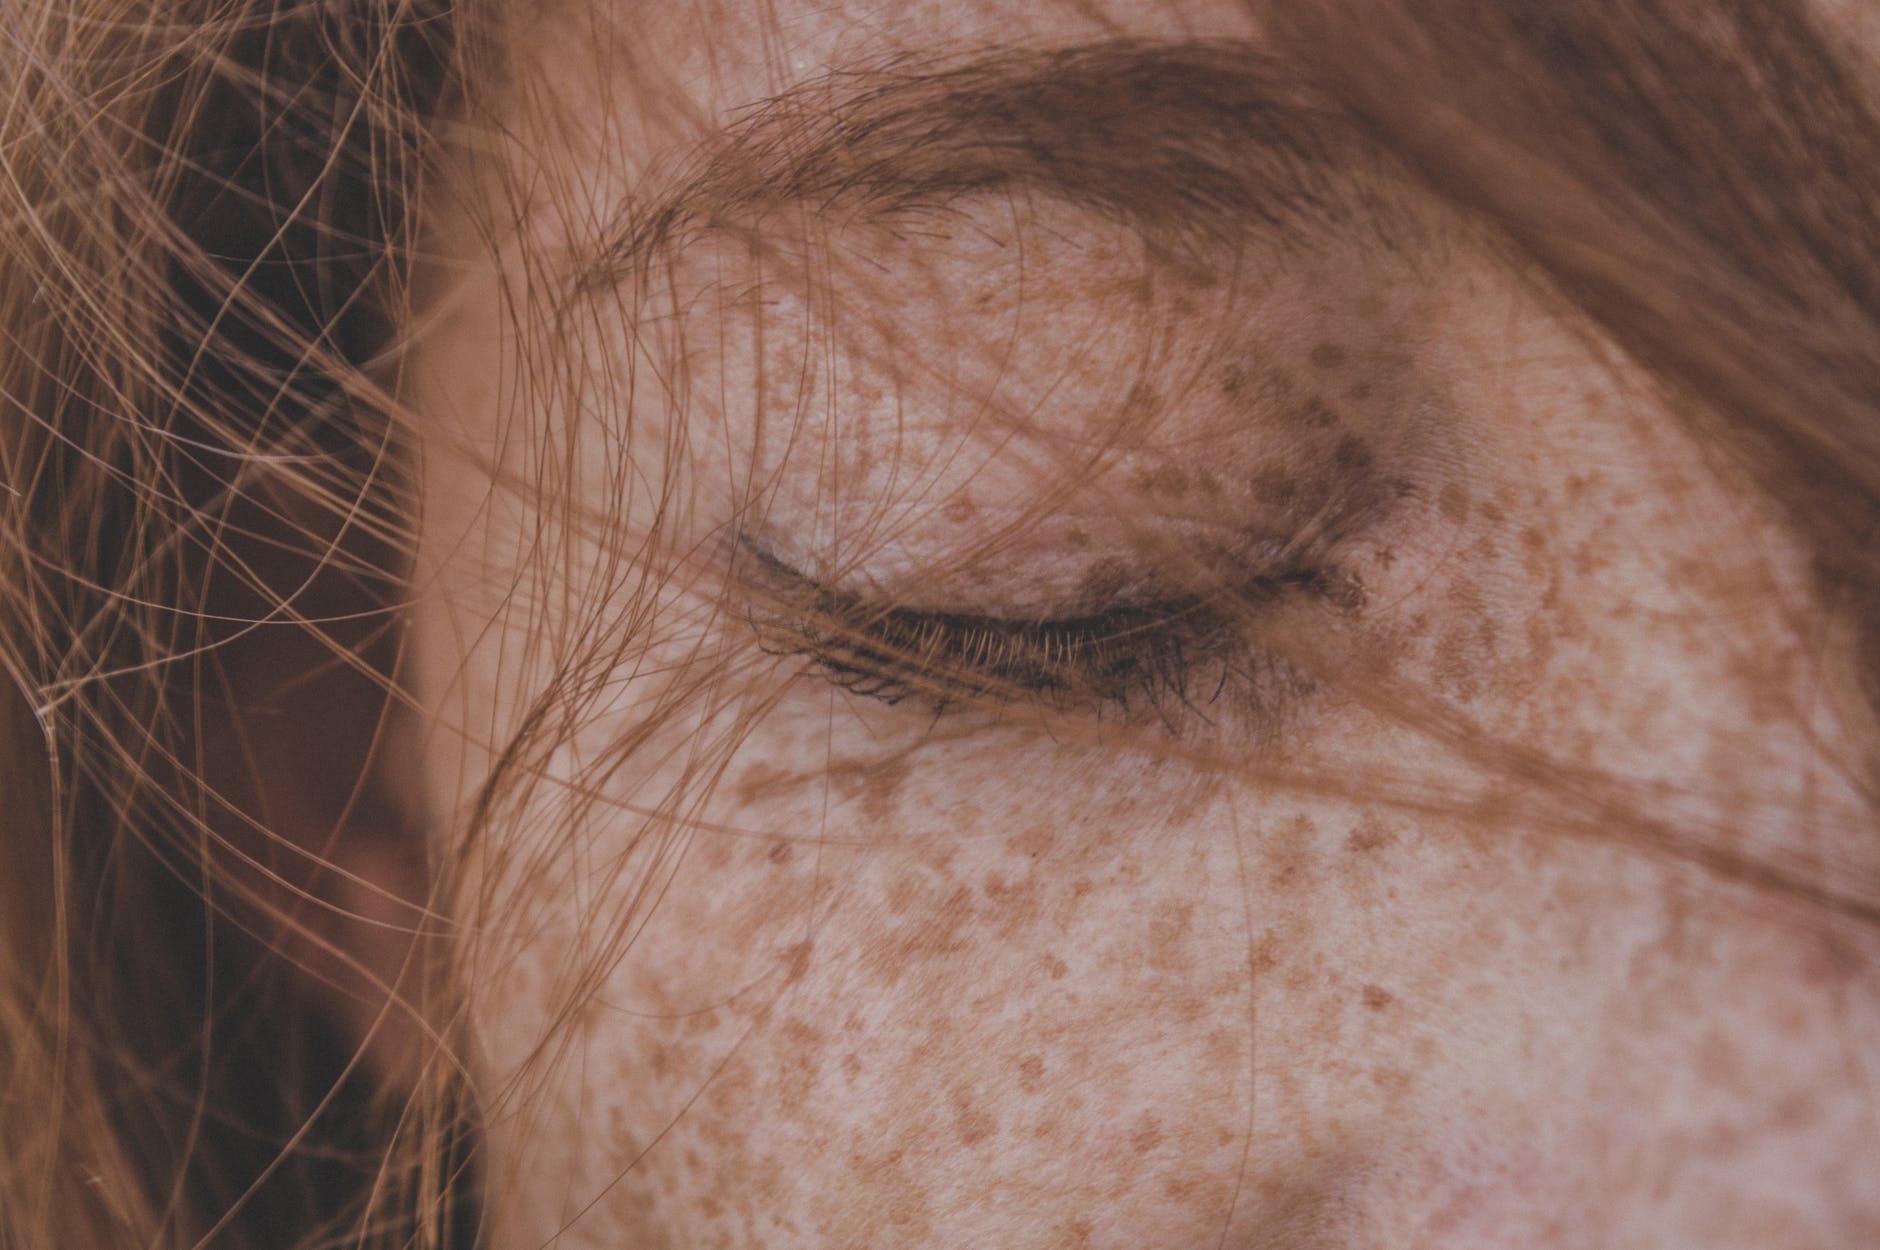 varios tipos de alergia al sol producen manchas